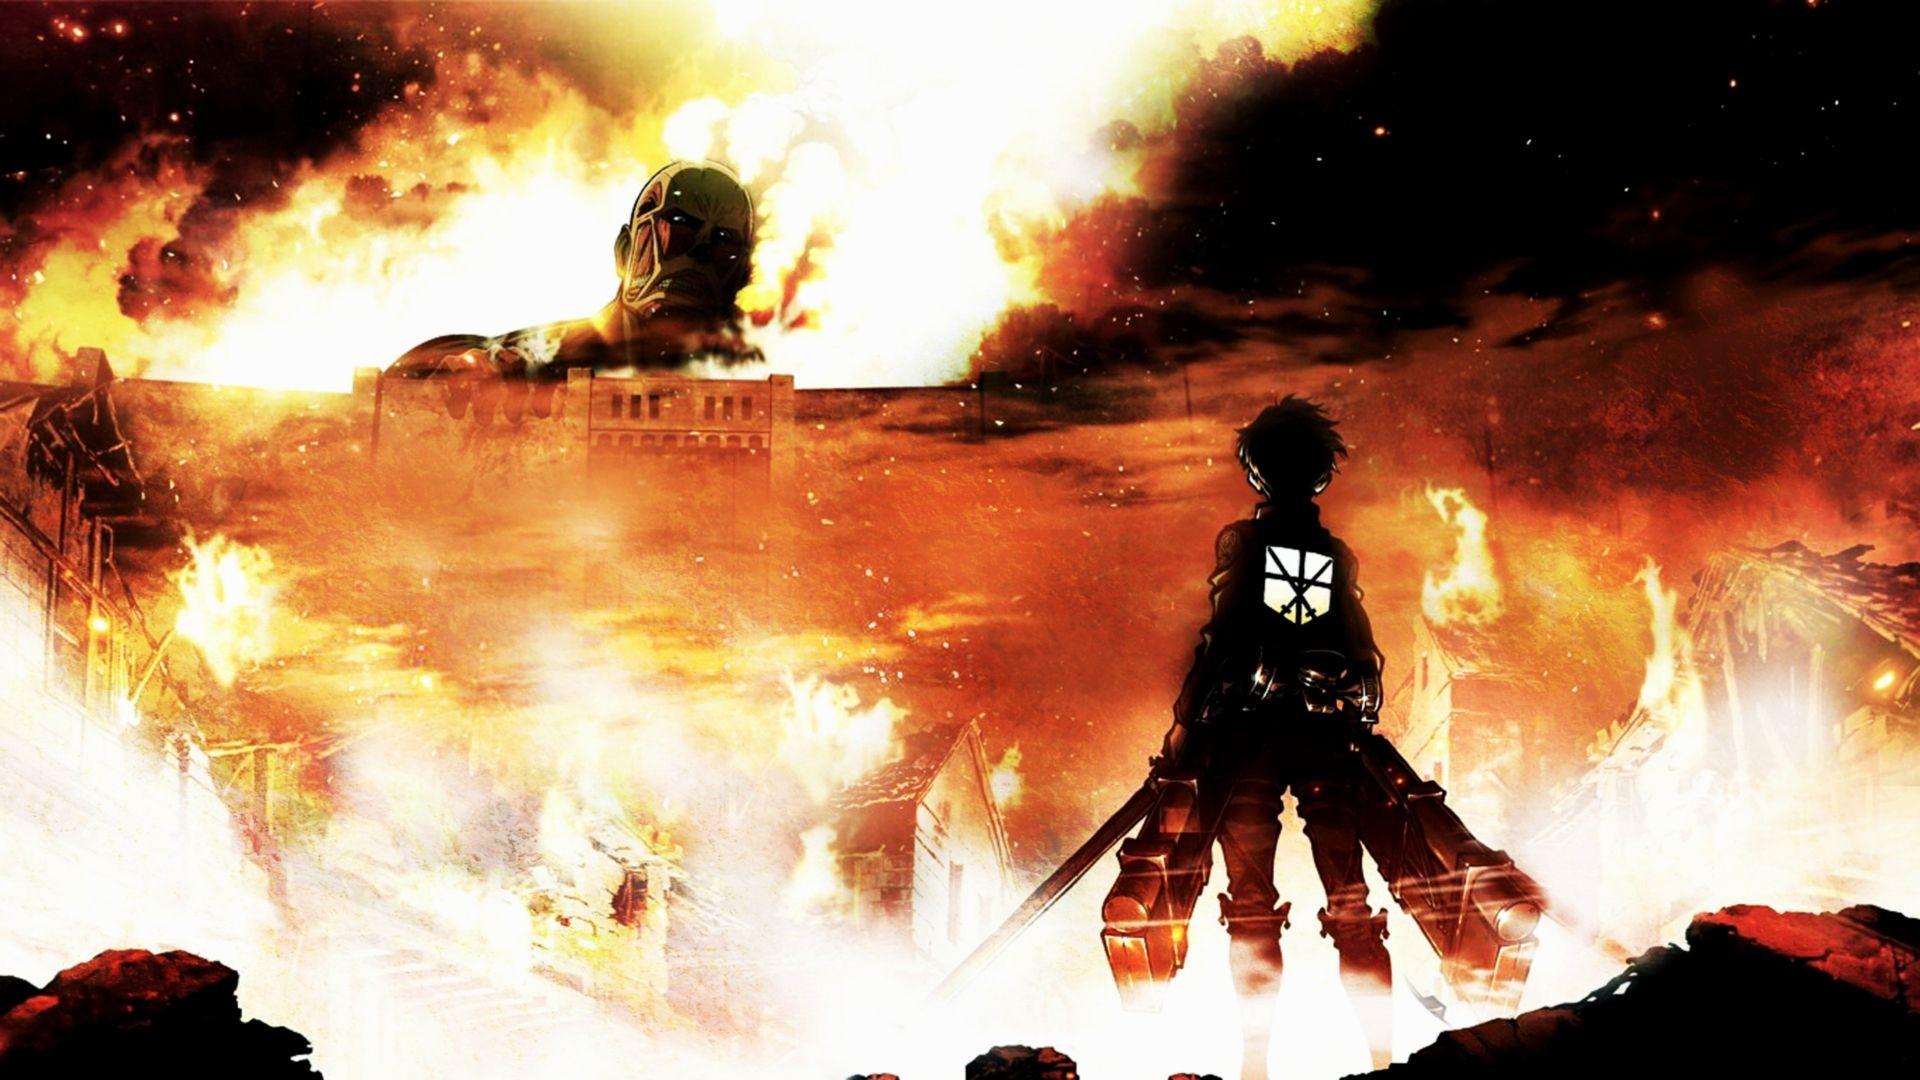 … wallpaper 1440×900 6g – Shingeki No Kyojin. Download